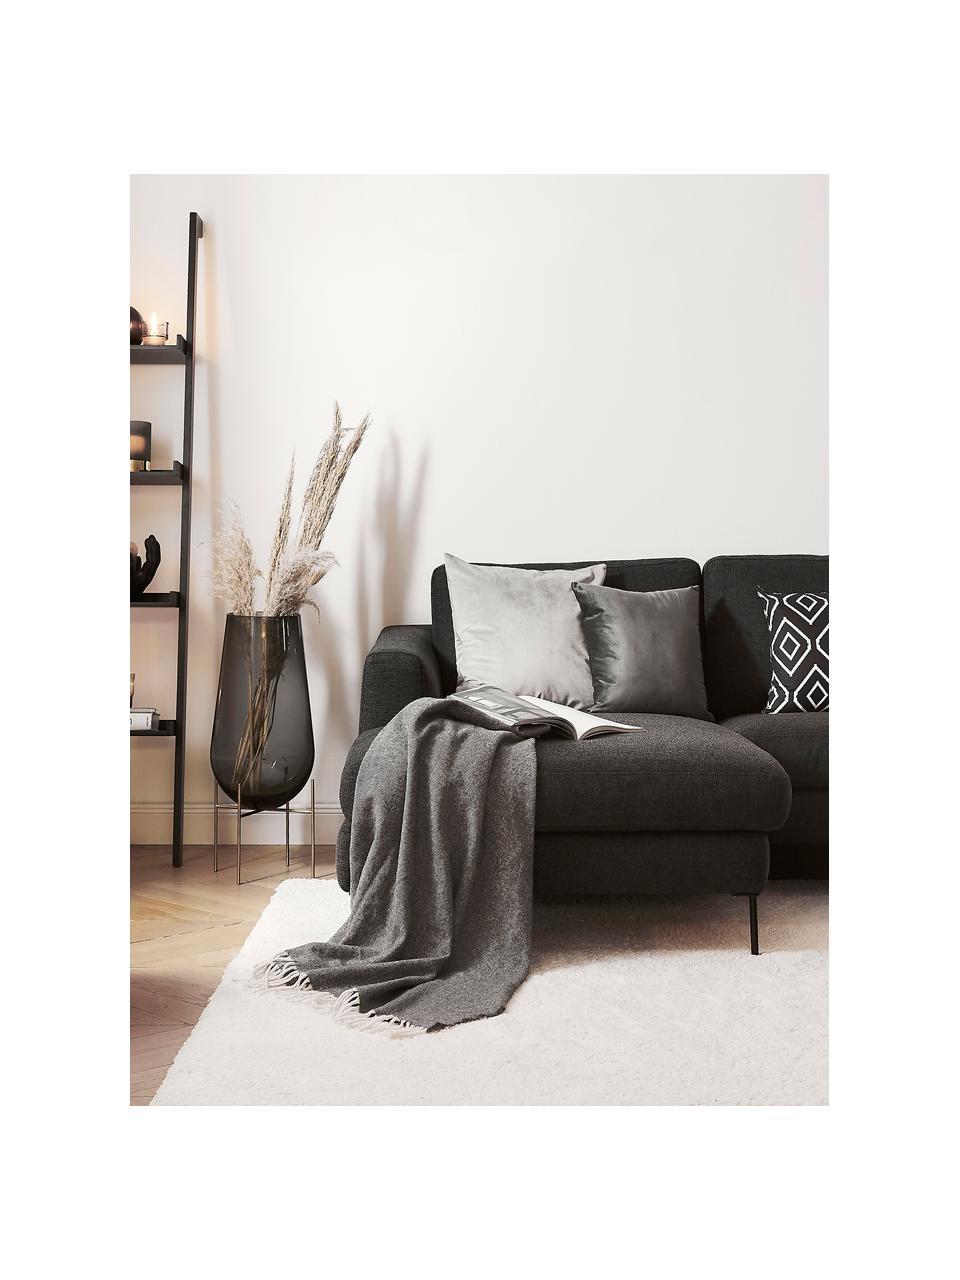 Wolldecke Aubrey mit feinem Zickzack-Muster, 80% Merinowolle, 20% Nylon, Anthrazit, Gebrochenes Weiß, 140 x 200 cm